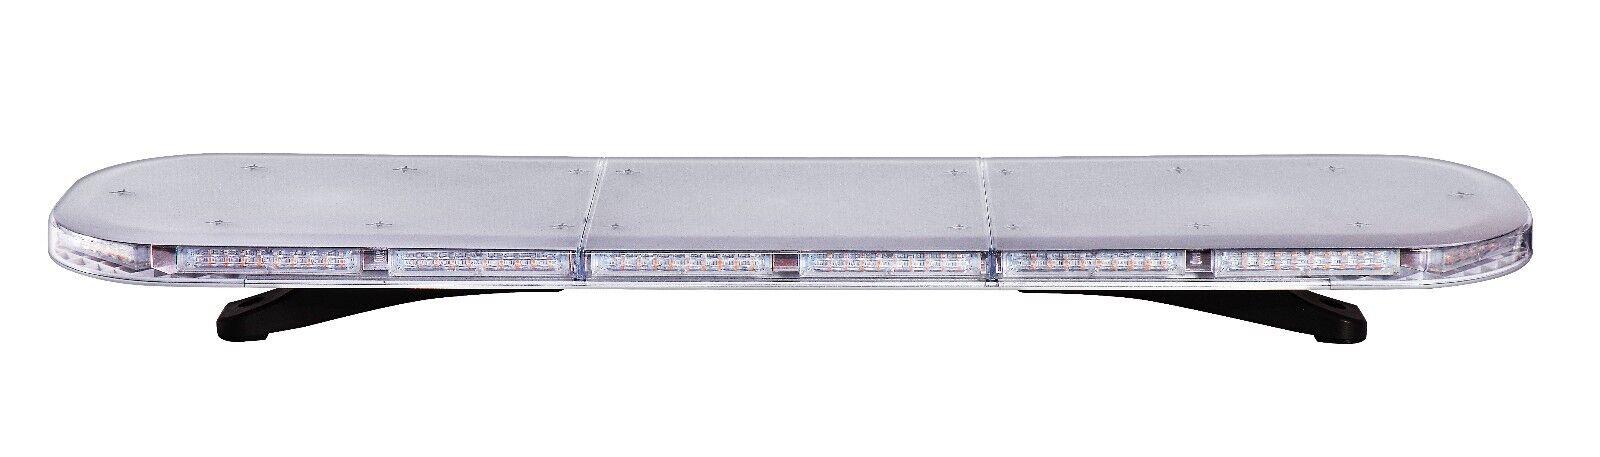 Warnleuchte  Warnbalken ROADLIGHT 56 LED Magnet 595 12V 24V 4x Magnetunterlage